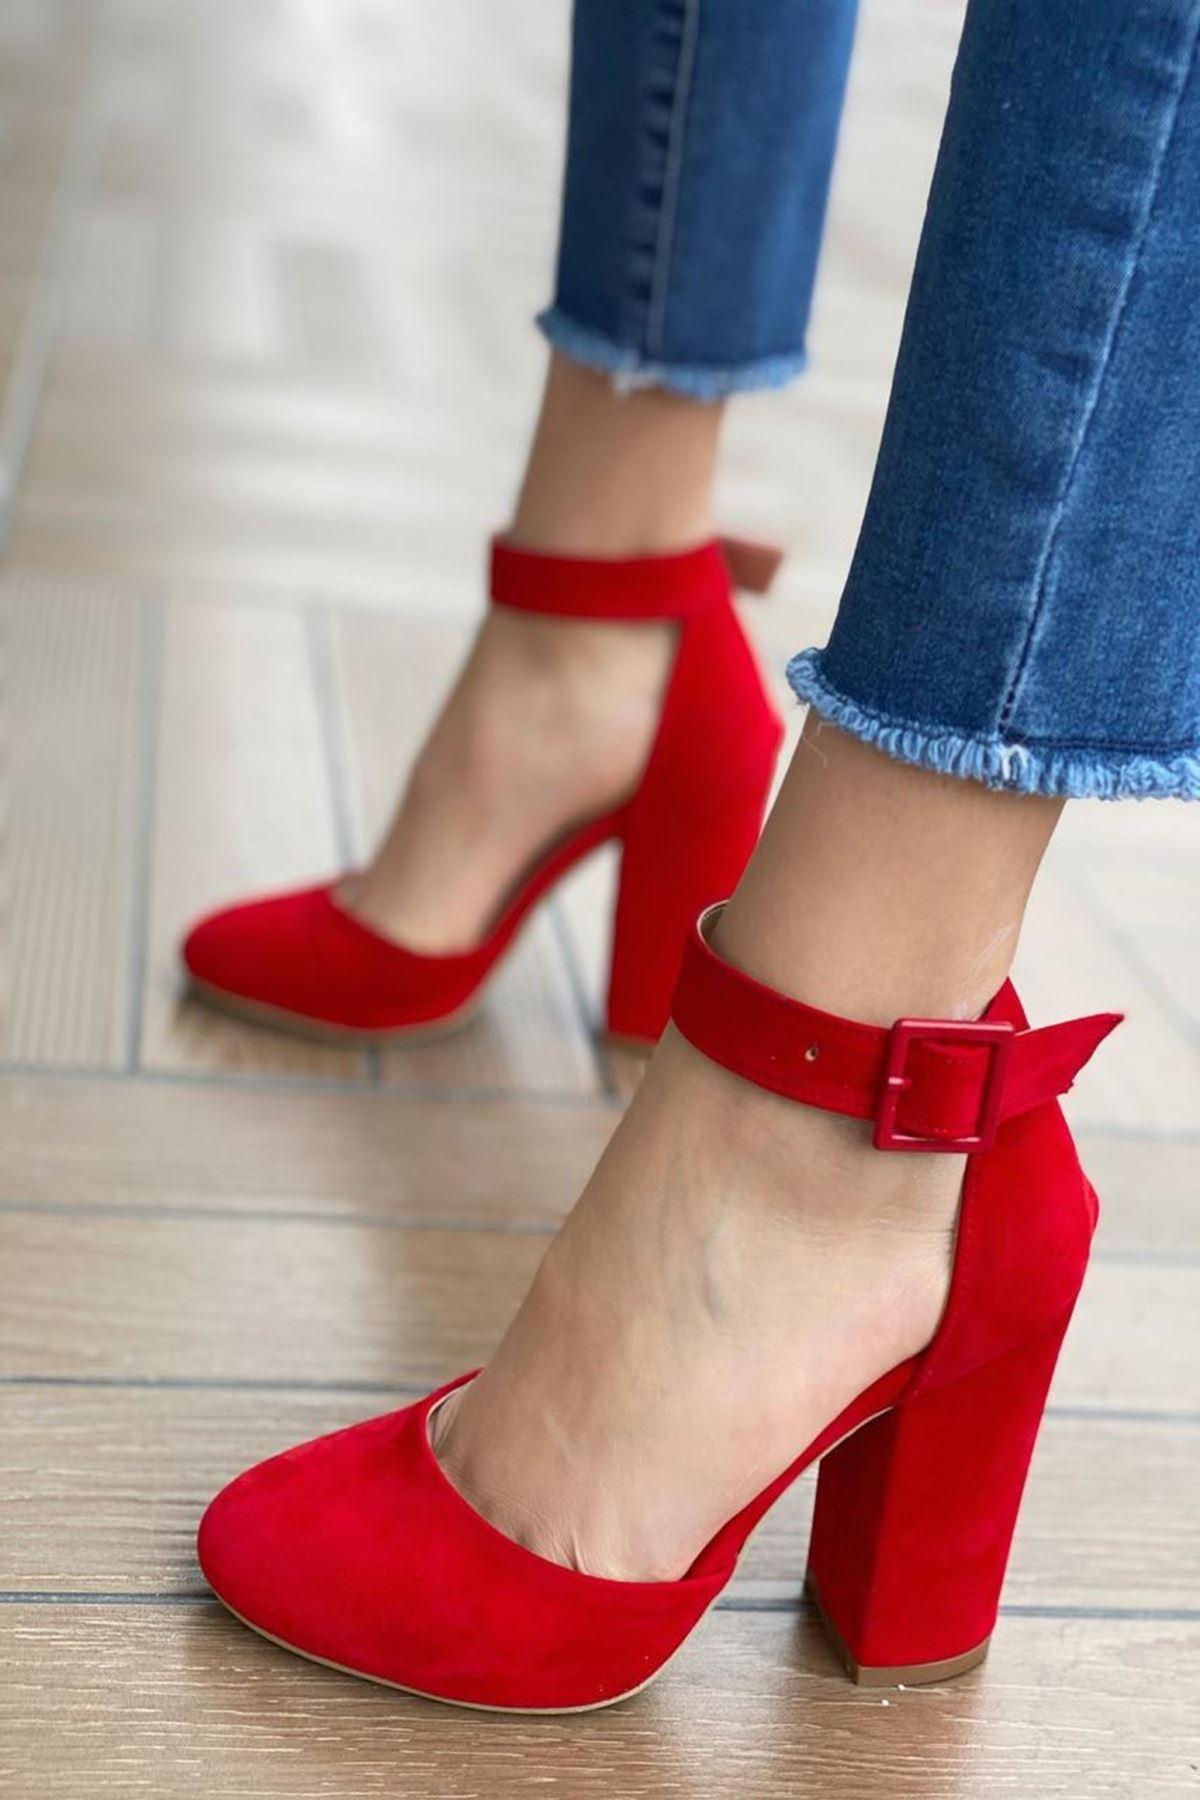 Kadın Berland Kırmızı Topuklu Ayakkabı